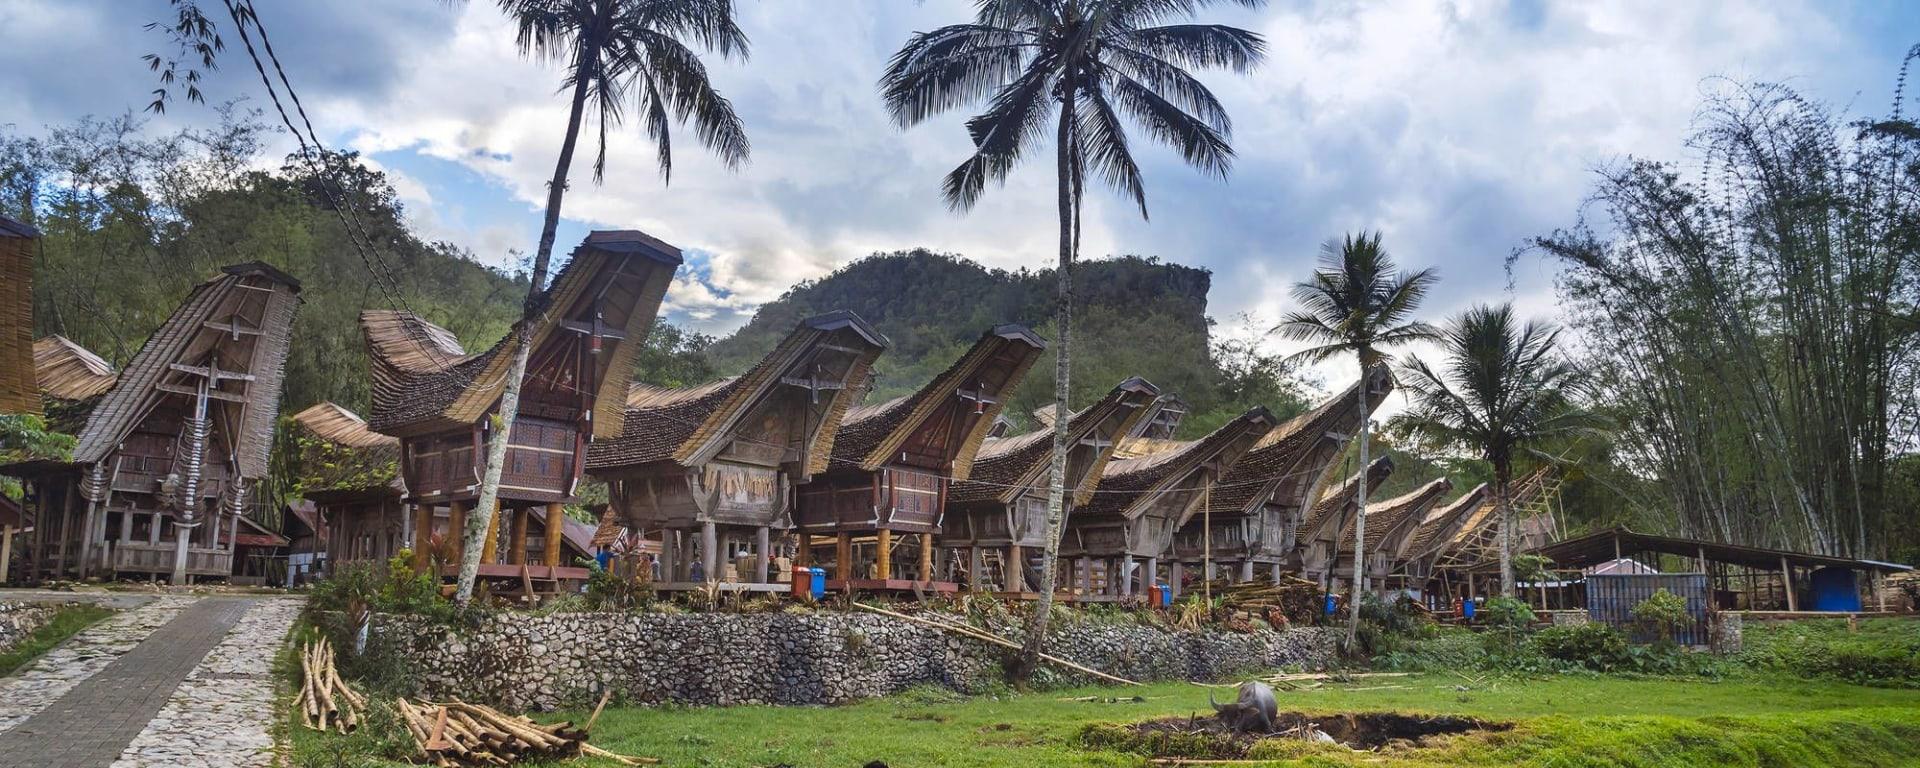 Sulawesi - au pays des Toraja de Makassar: Sulawesi Toraja Tongkonan traditional village Kete Kesu